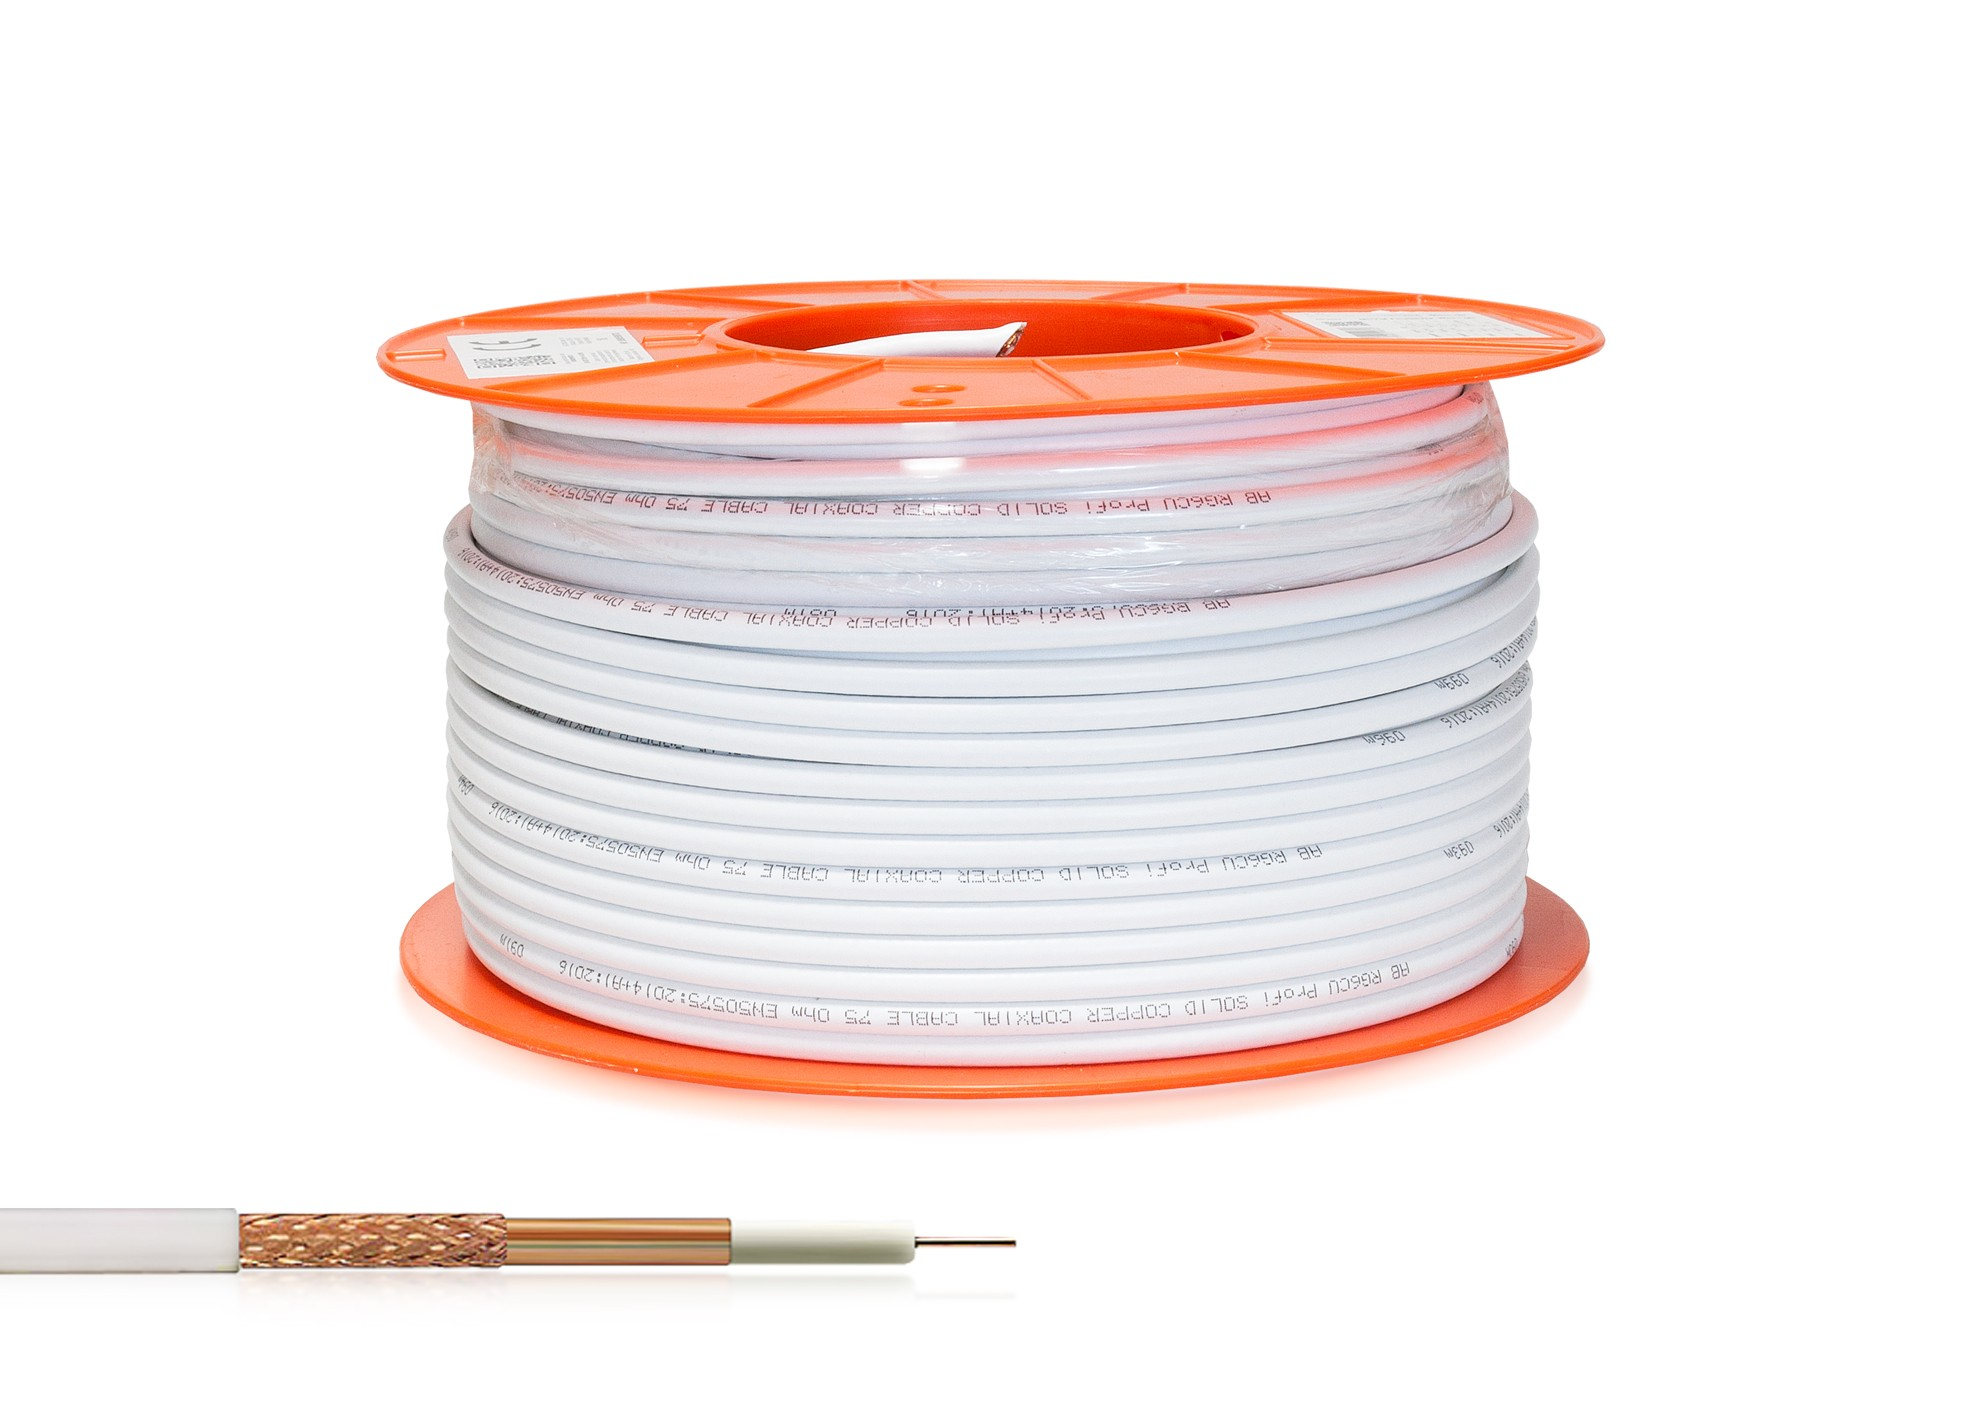 Kábel koaxiál AB RG6CU Profi 100m roll